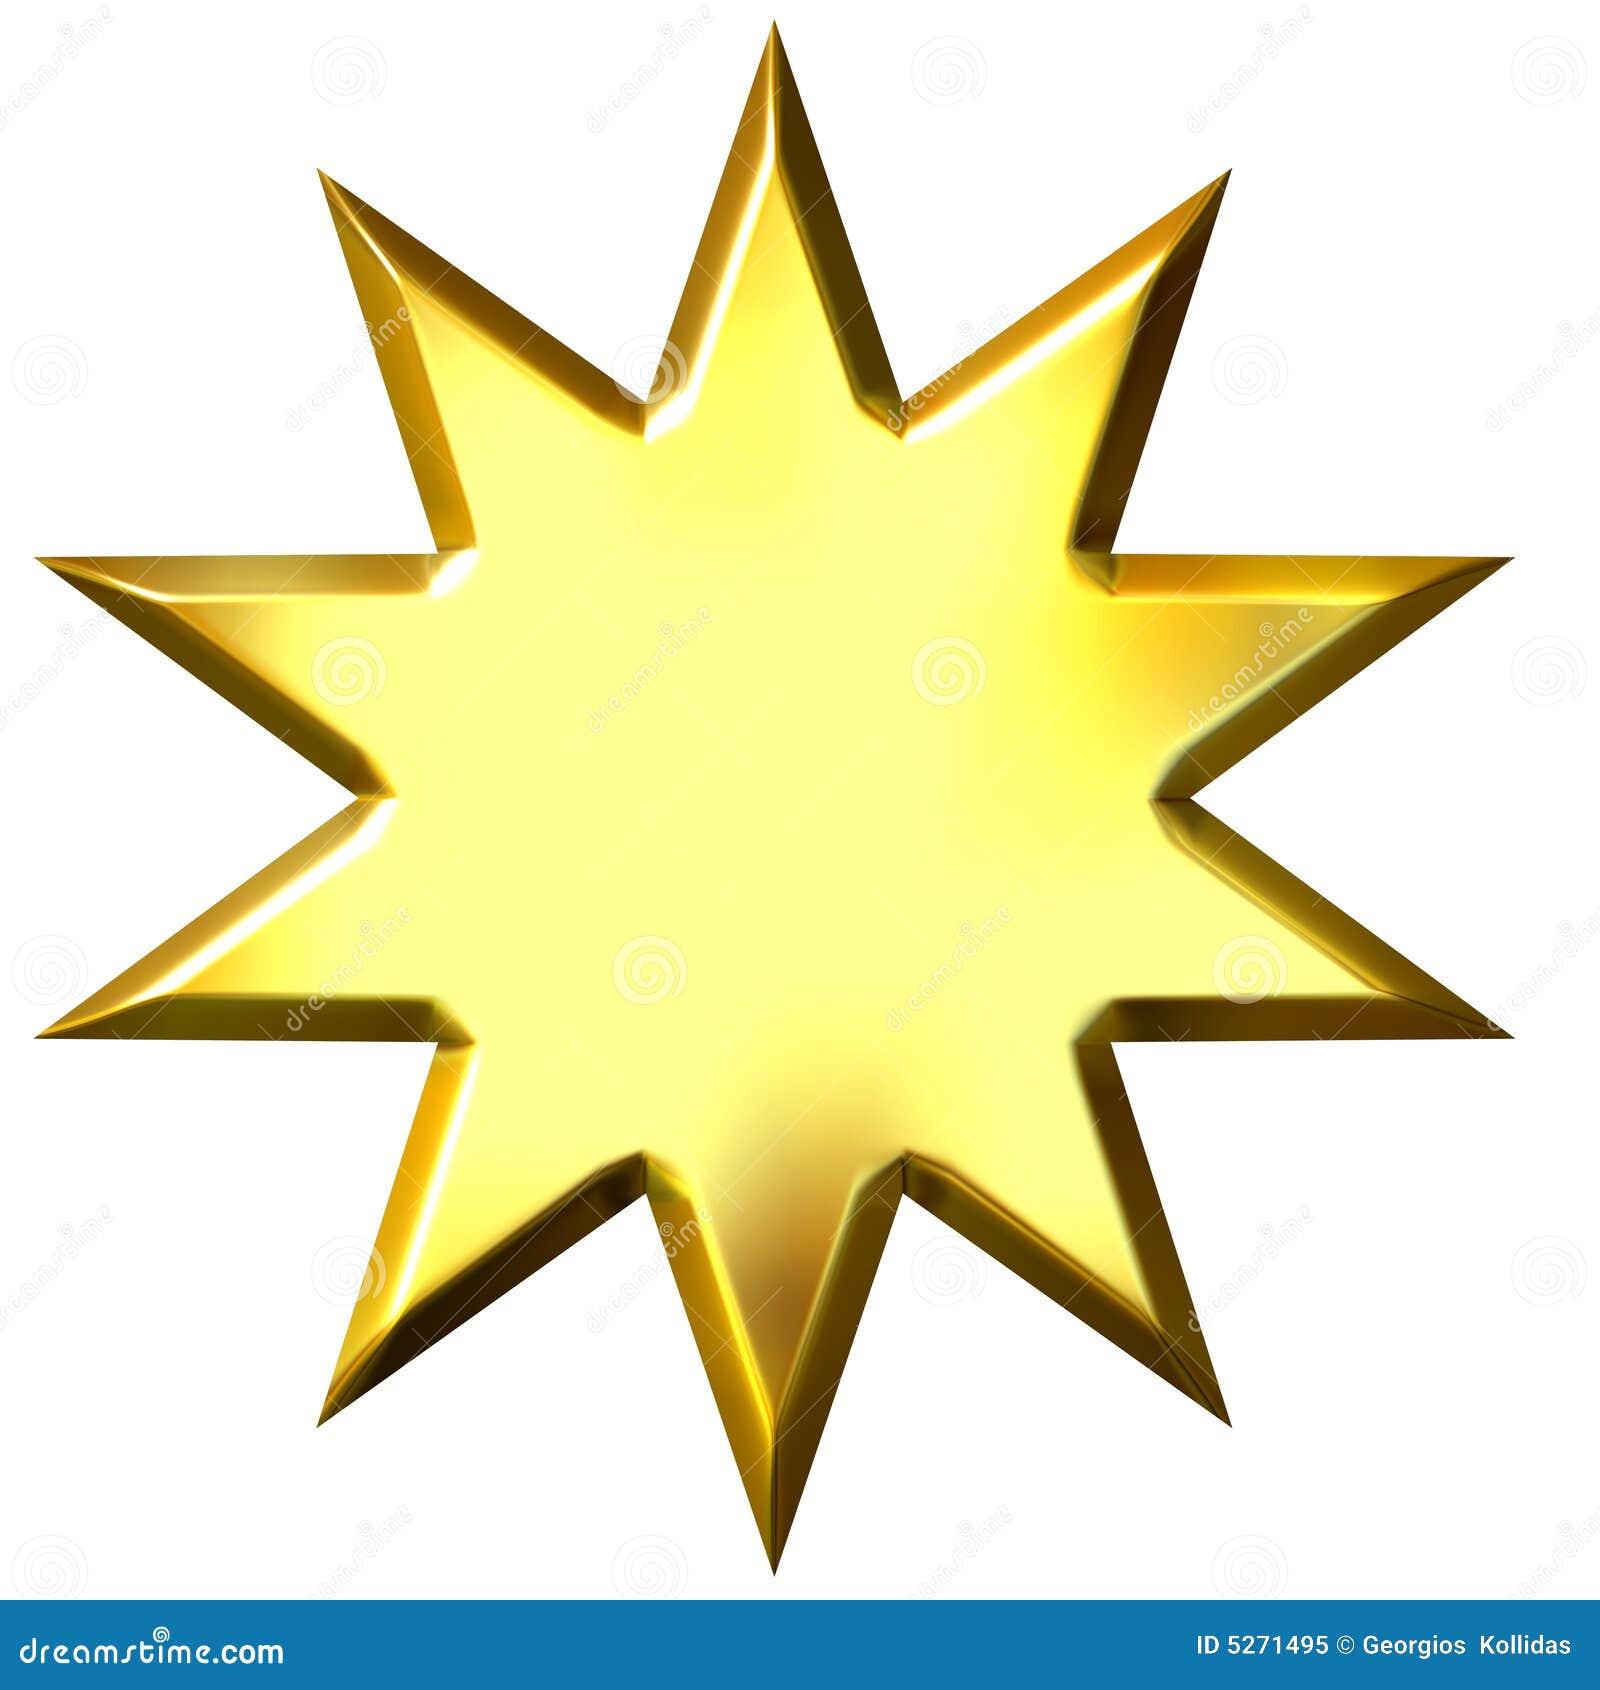 Estrella de oro de 10 puntas 3d aislada en blanco.